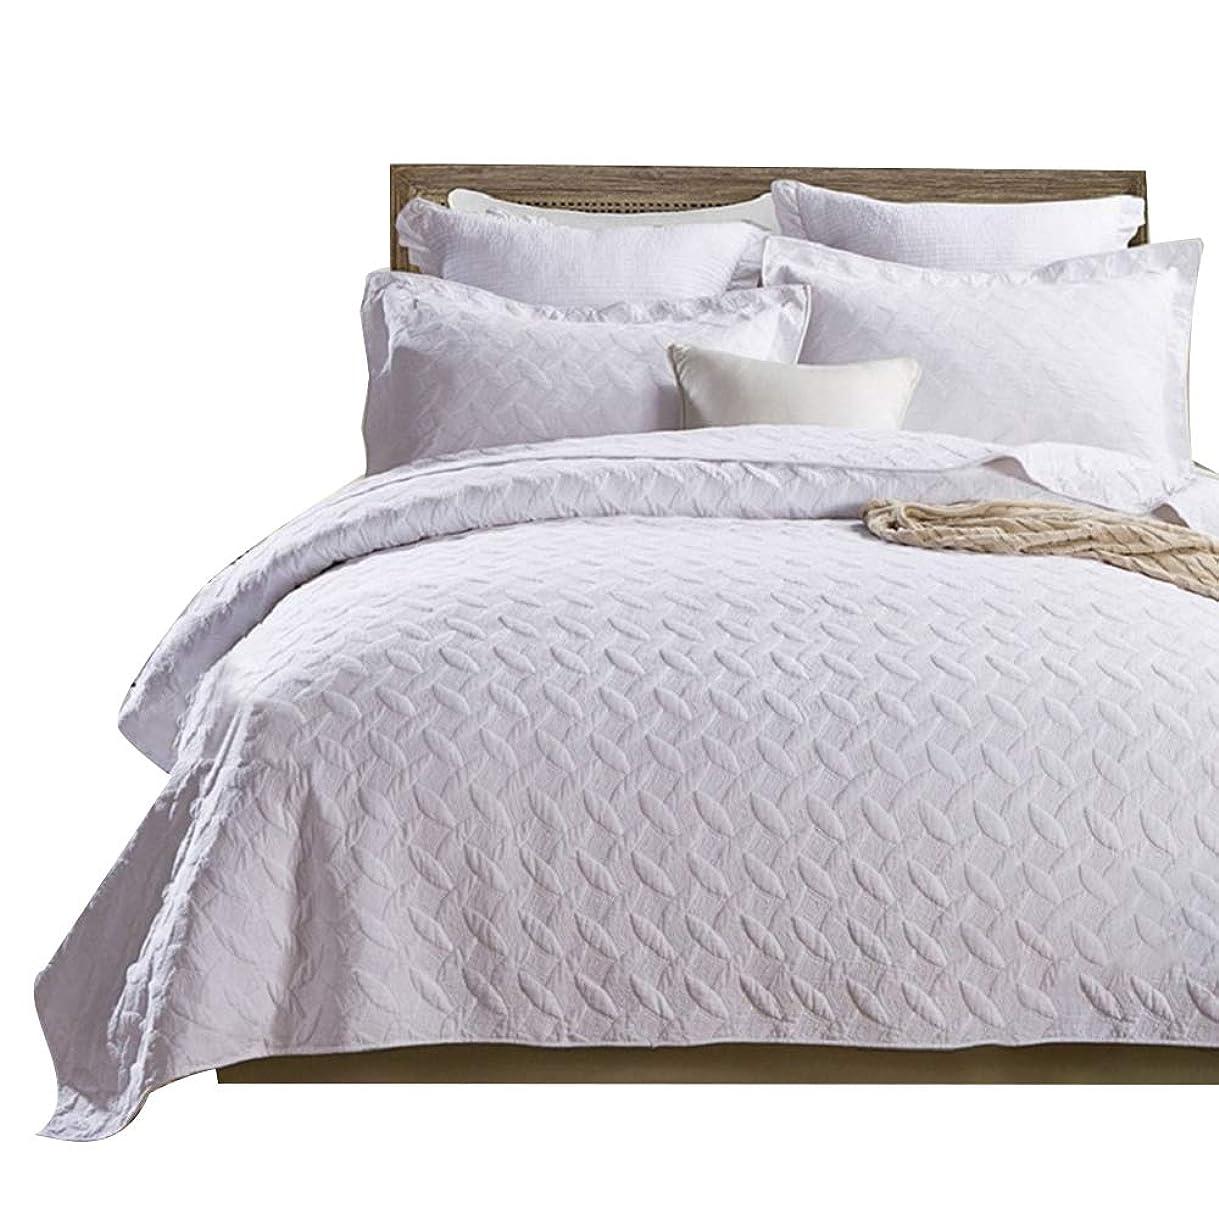 正直デコレーションが欲しいgardenlightess ベッドカバー ベッドスプレッド 3点セット おしゃれ ダブル 綿100% 230×250cm